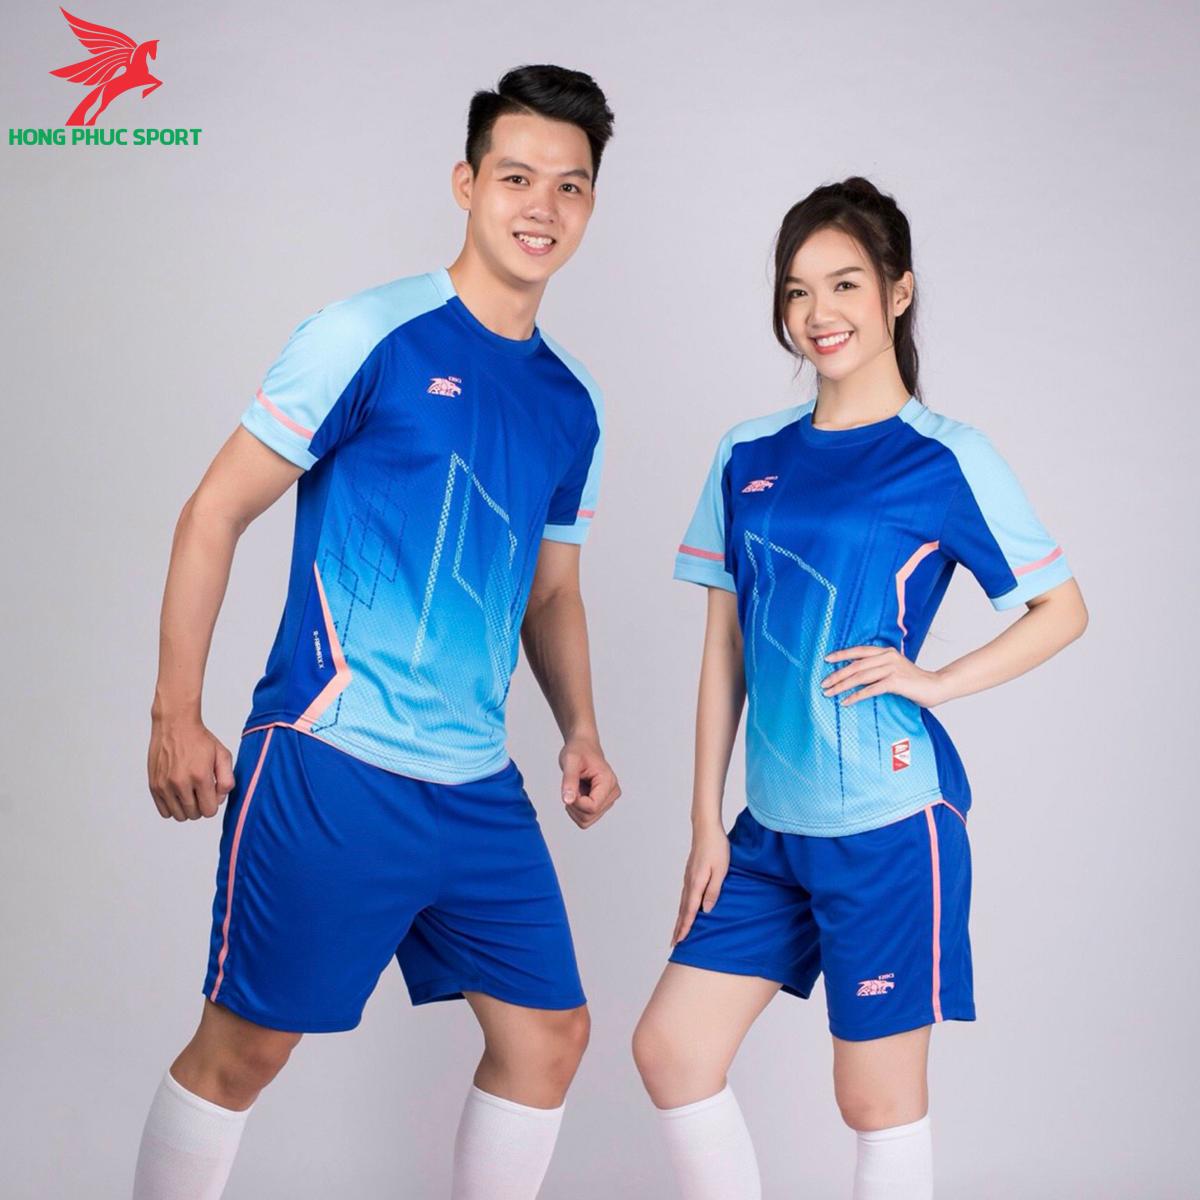 https://cdn.hongphucsport.com/unsafe/s4.shopbay.vn/files/285/ao-khong-logo-riki-airmaxx-mau-bich-2-603eec67e00e1.png